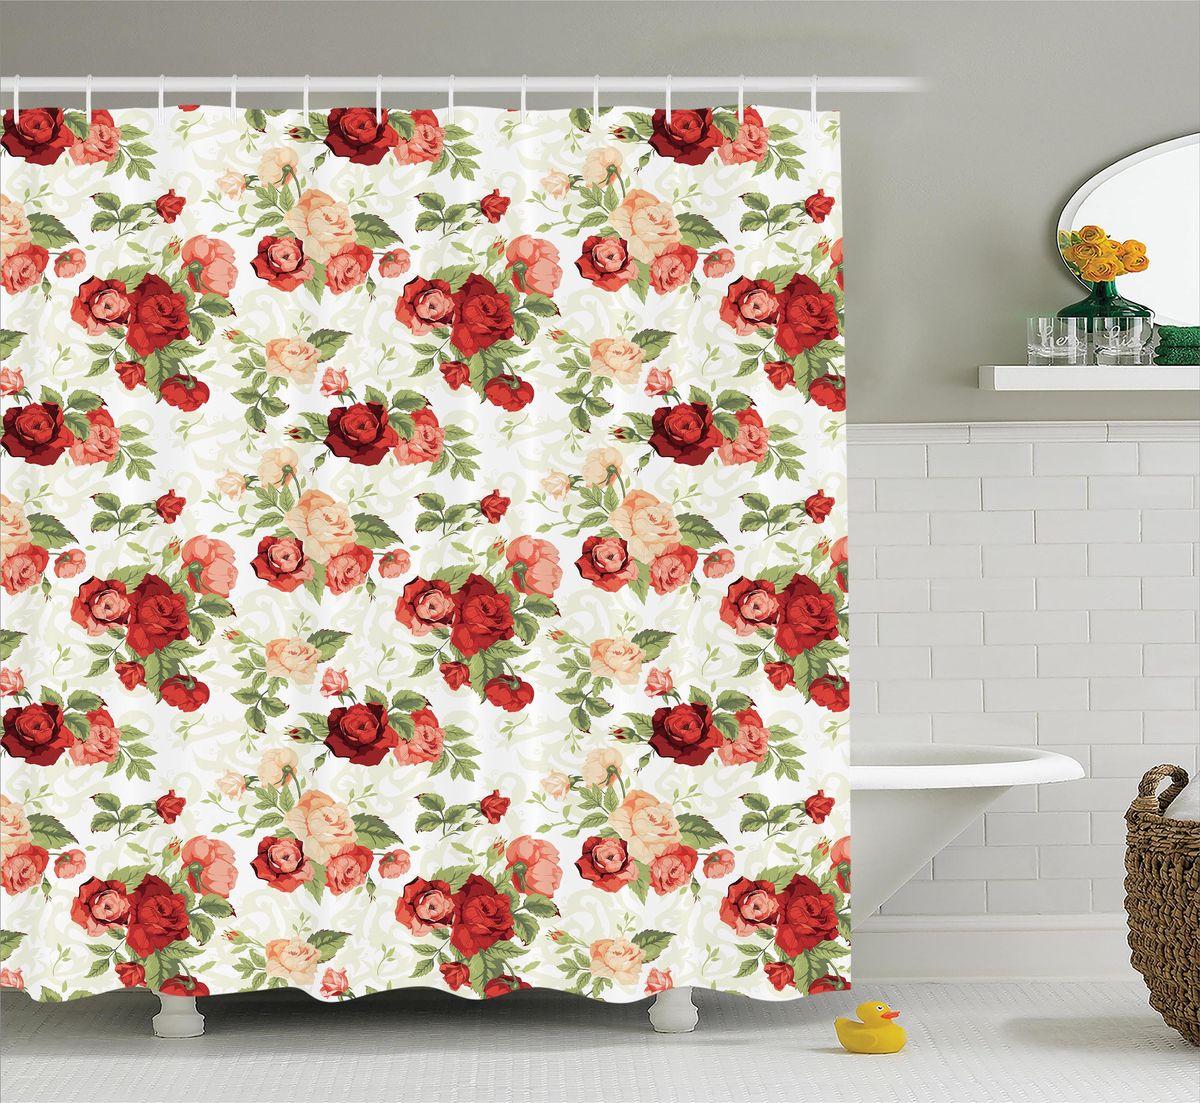 Штора для ванной комнаты Magic Lady Розы в стиле ретро, 180 х 200 см391602Штора Magic Lady Розы в стиле ретро, изготовленная из высококачественного сатена (полиэстер 100%), отлично дополнит любой интерьер ванной комнаты. При изготовлении используются специальные гипоаллергенные чернила для прямой печати по ткани, безопасные для человека.В комплекте: 1 штора, 12 крючков. Обращаем ваше внимание, фактический цвет изделия может незначительно отличаться от представленного на фото.